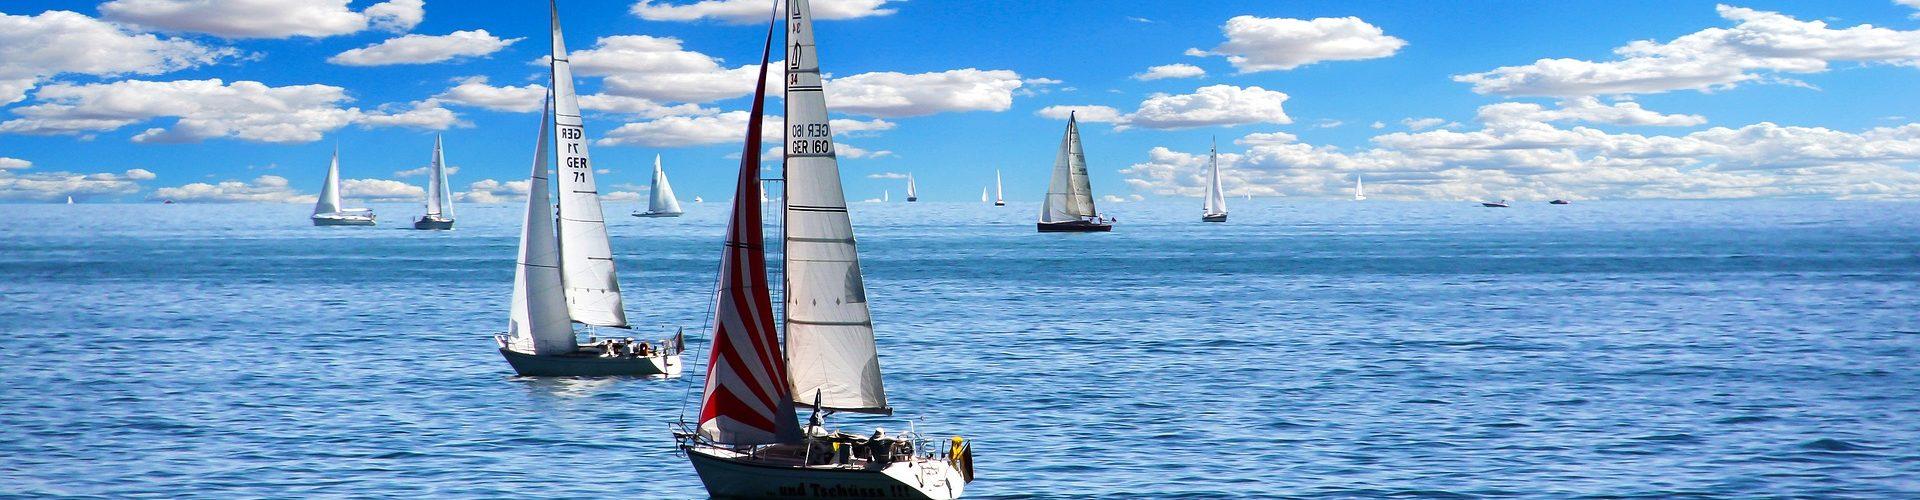 segeln lernen in Loitz segelschein machen in Loitz 1920x500 - Segeln lernen in Loitz